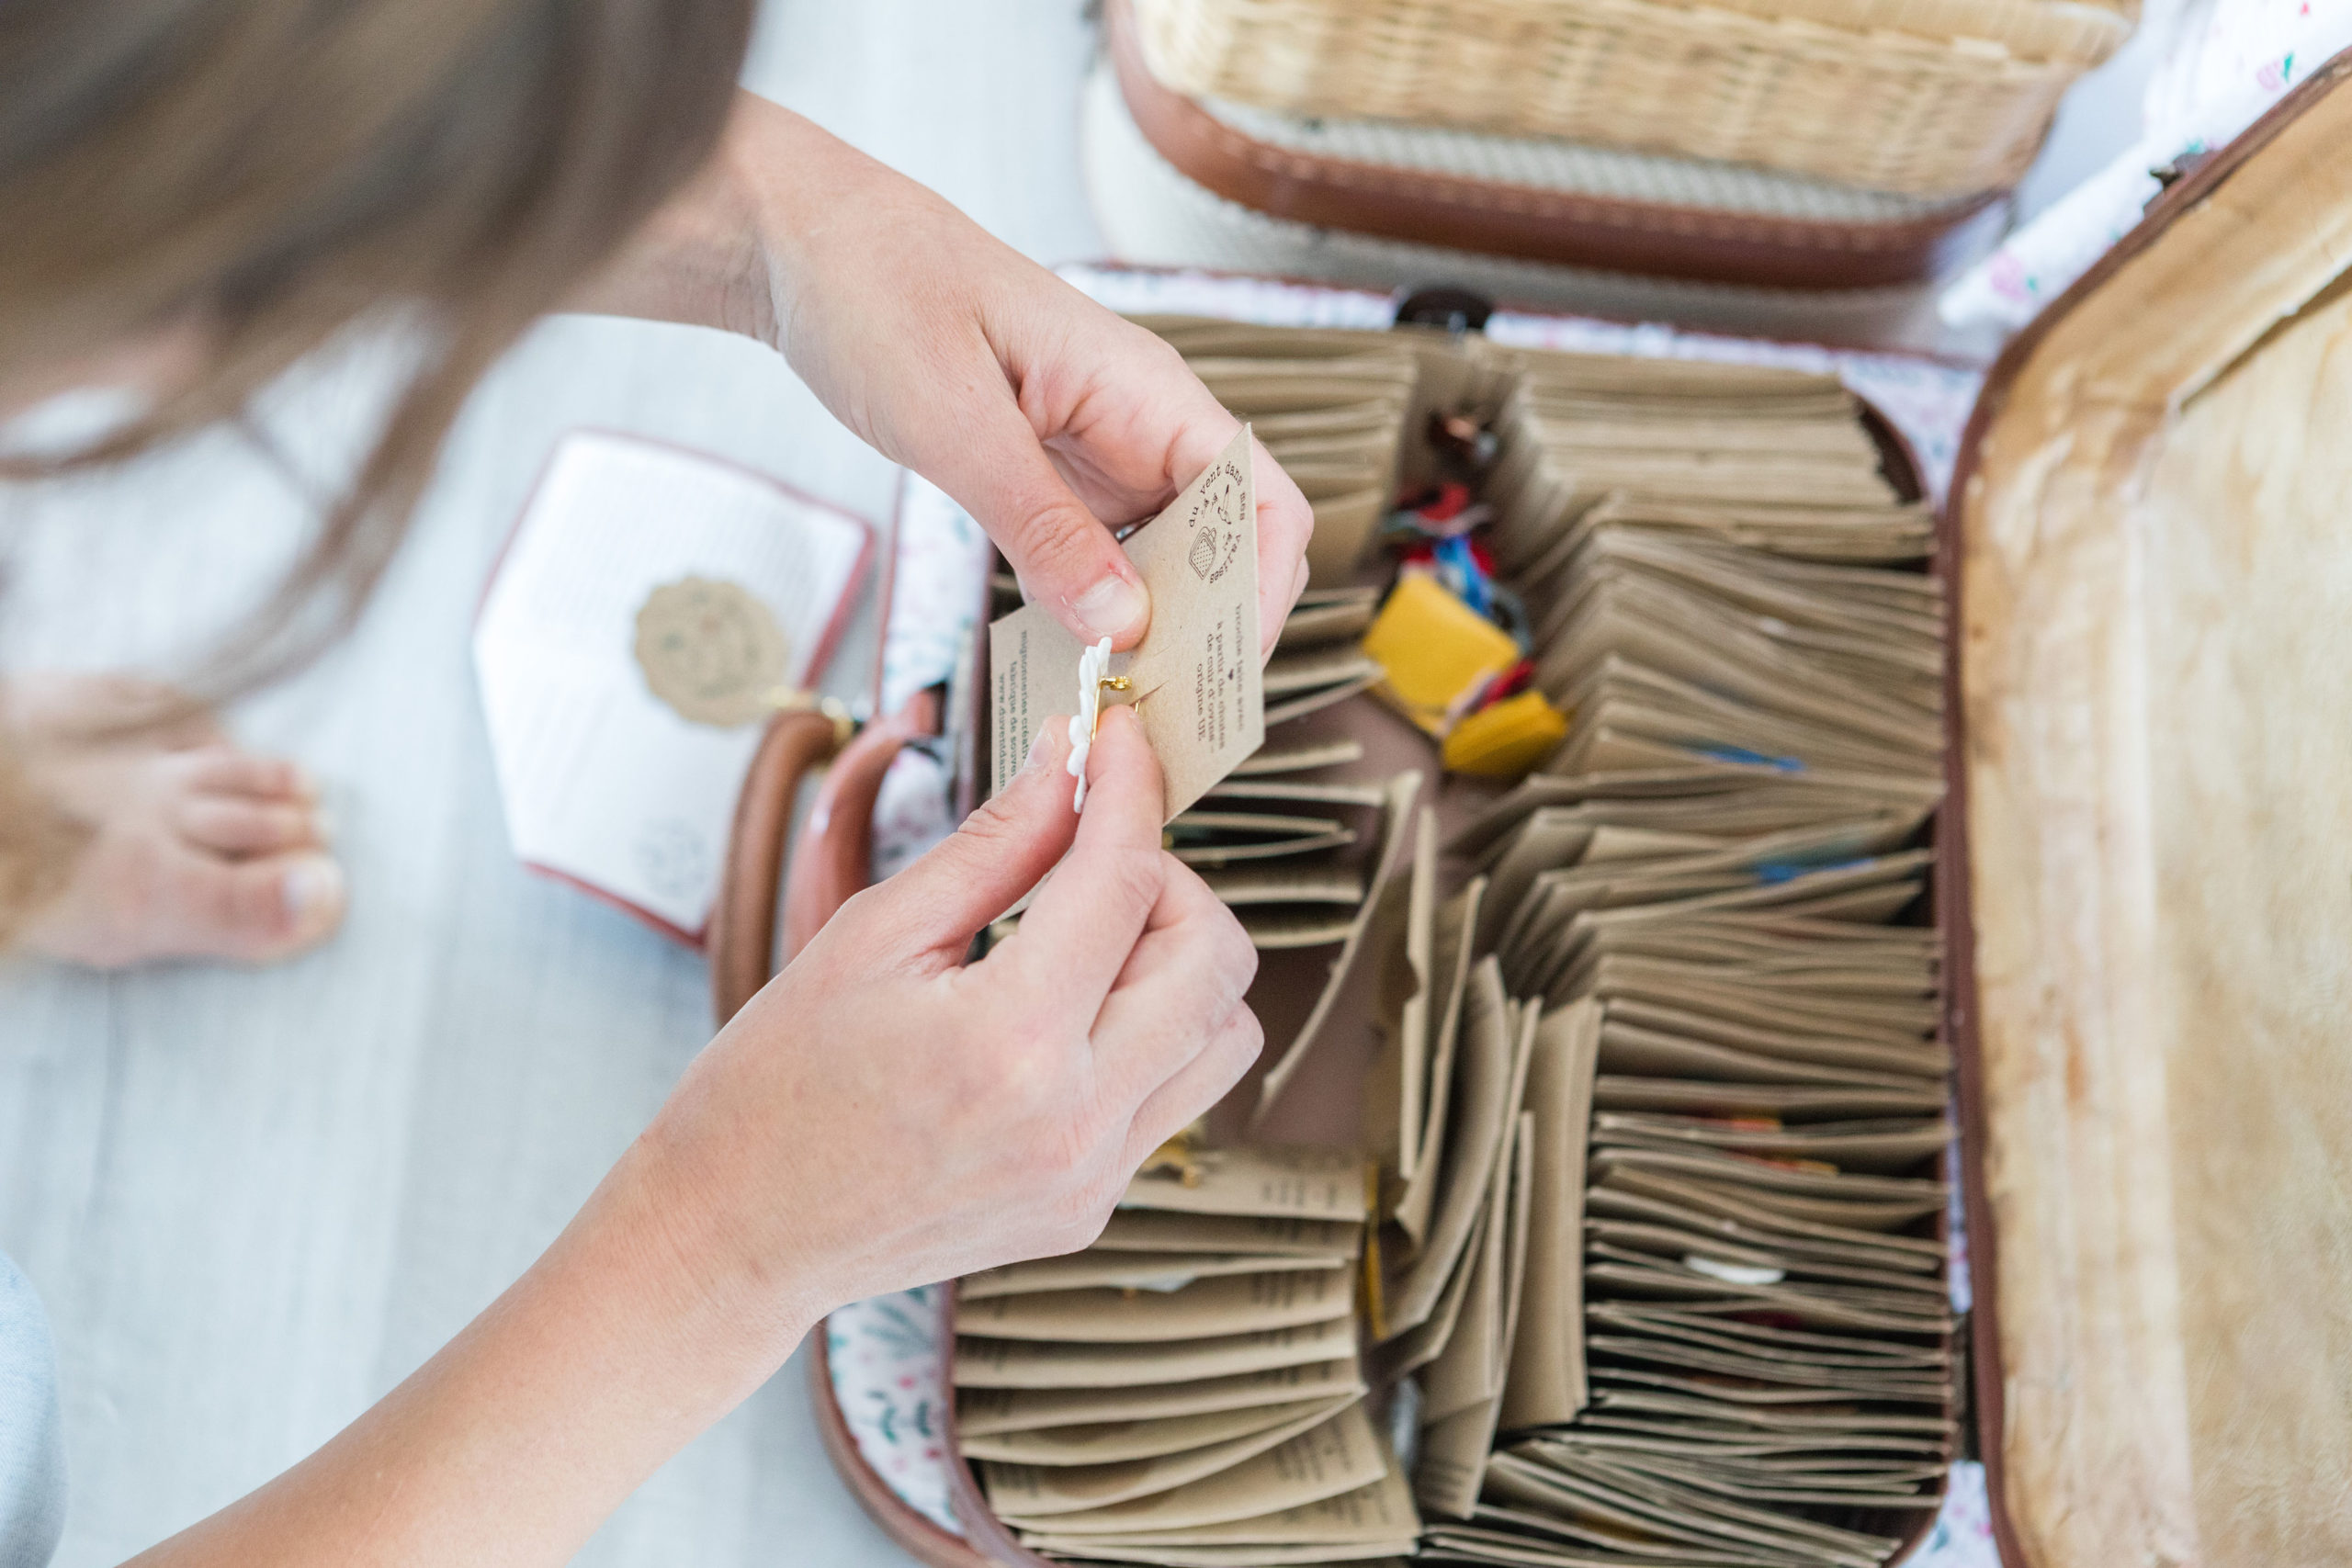 créations artisanales cadeaux souvenirs Wissant - mercerie et kits créatifs du vent dans mes valises